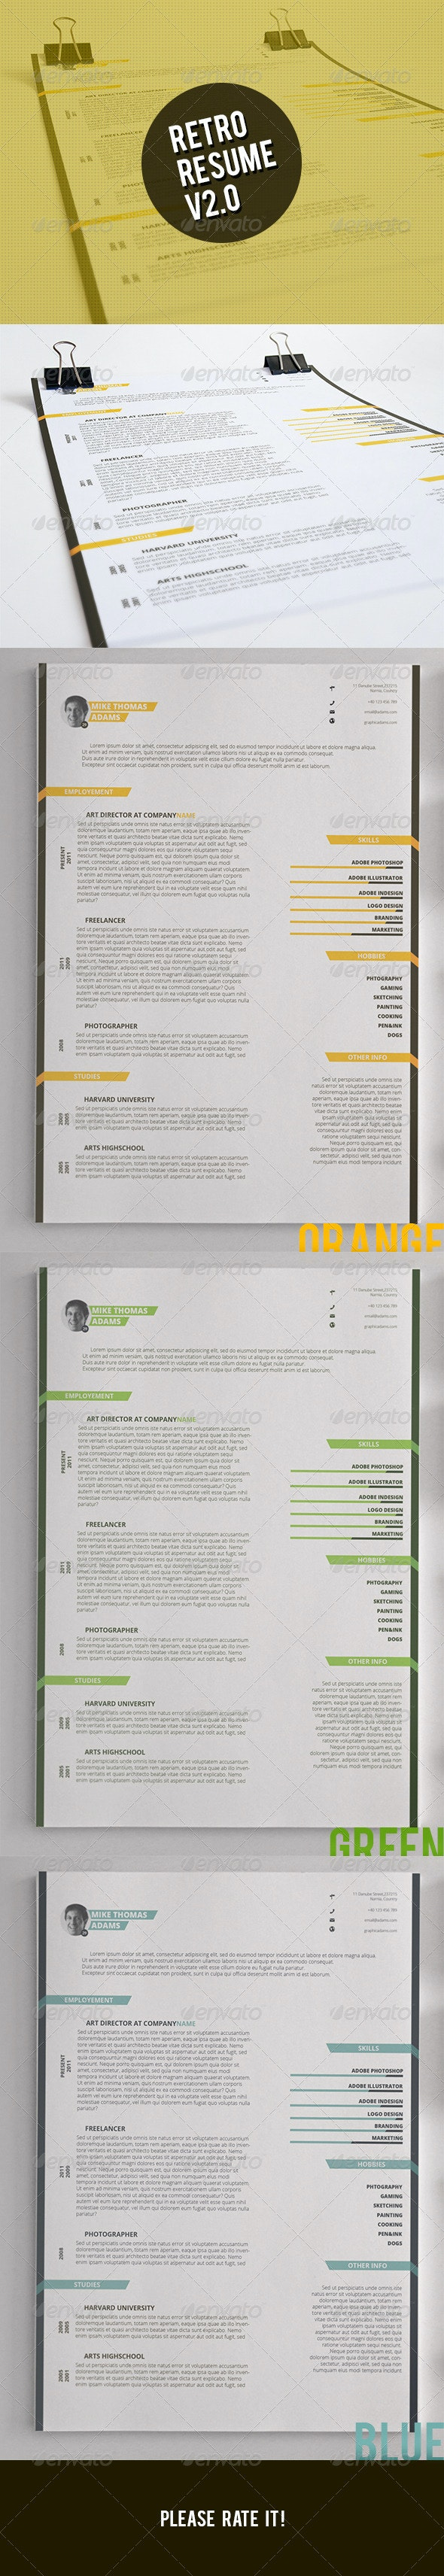 Retro Resume V2.0 - Resumes Stationery